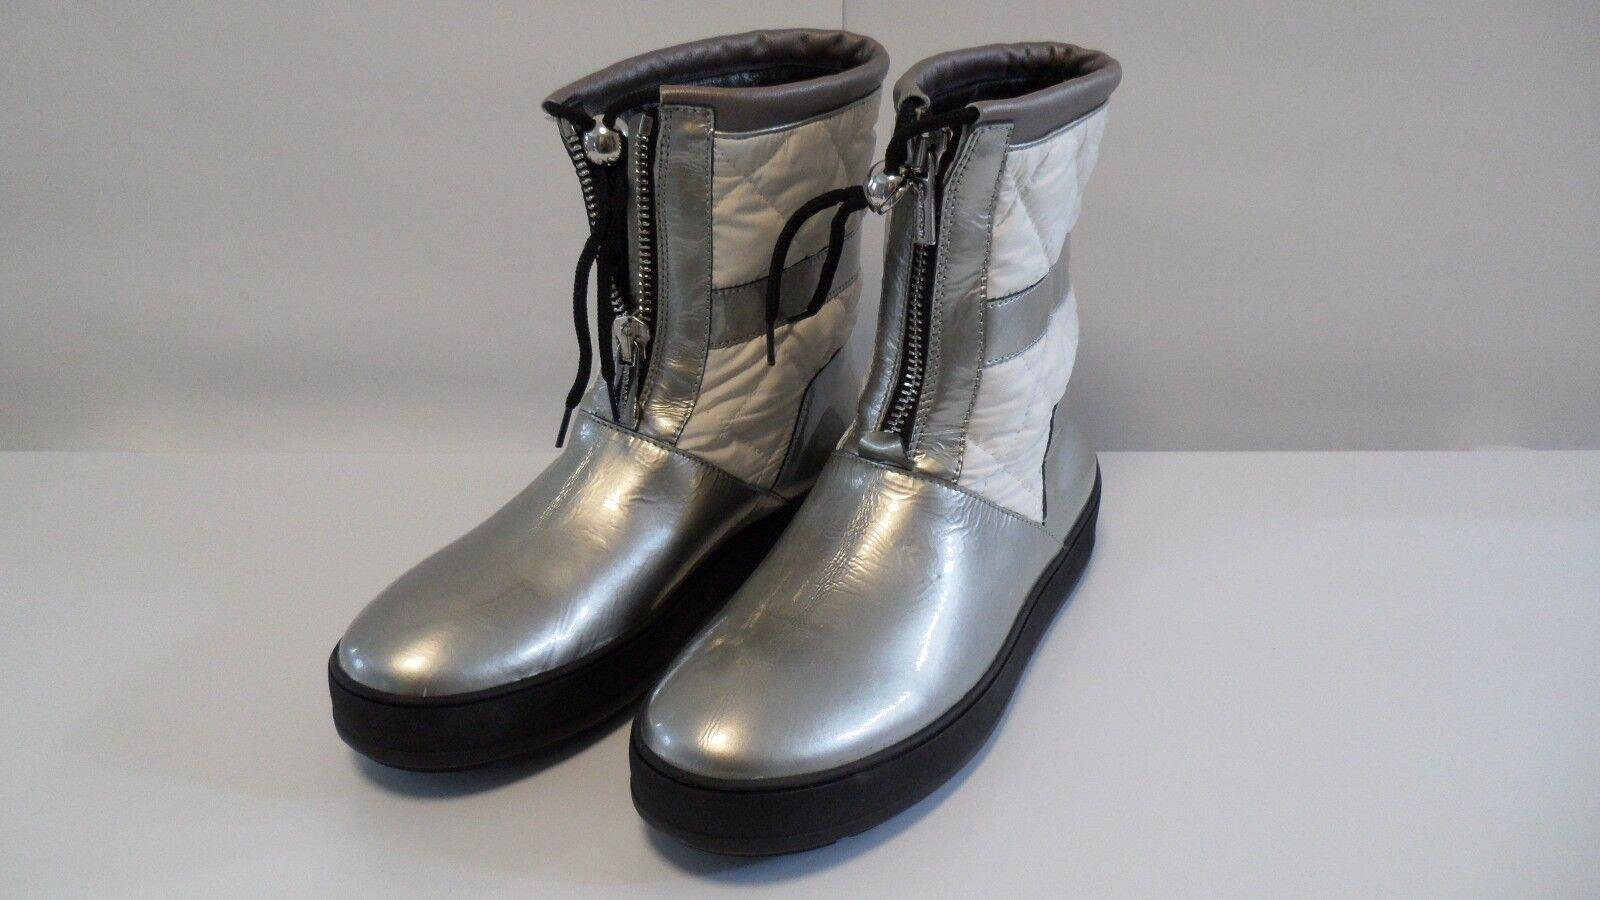 Retail  495 Aquatalia Metallic Patent Leather Short stivali  Sz 9 Made in   fino al 70% di sconto